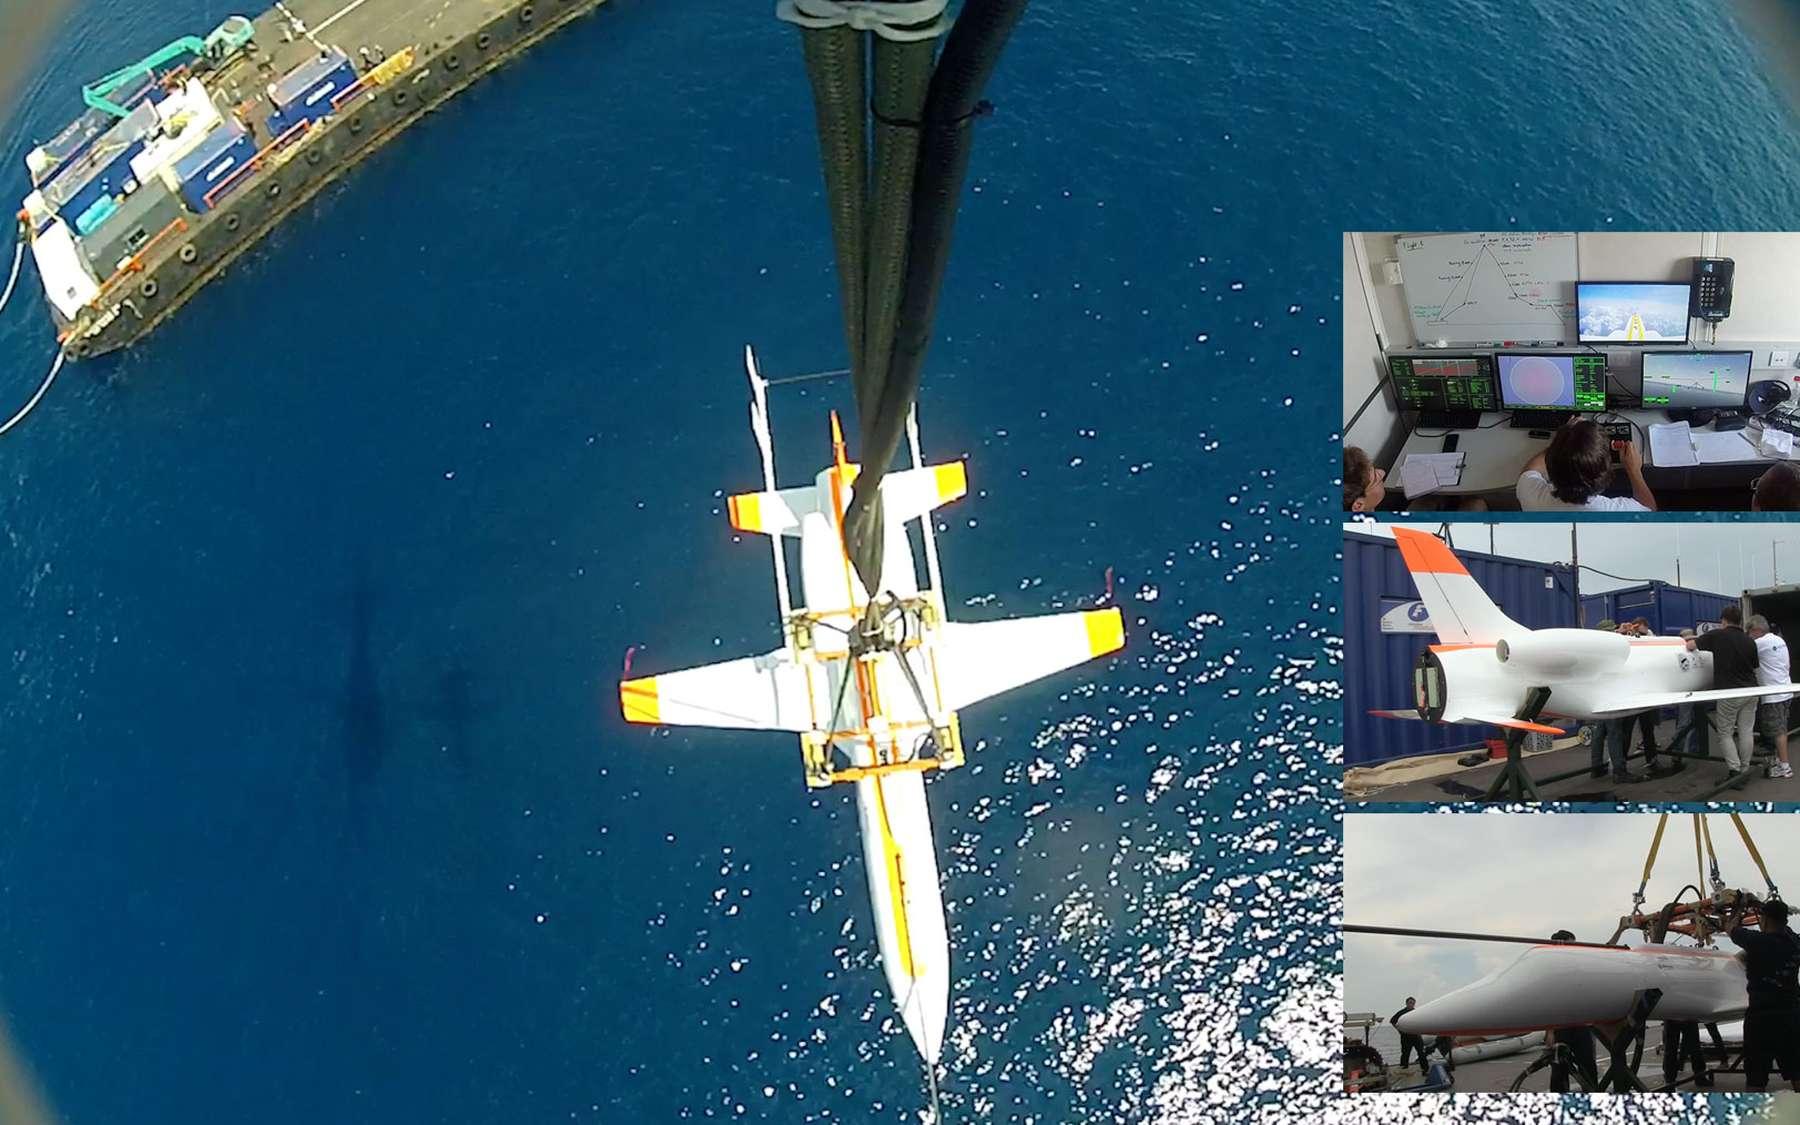 À 100 kilomètres au large de Singapour, la maquette à l'échelle 1/4 du Spaceplane, l'avion spatial d'Airbus Espace, est héliportée jusqu'à une altitude de 3.000 mètres d'où elle a été relâchée pour des essais de vol dynamique. © Airbus Espace